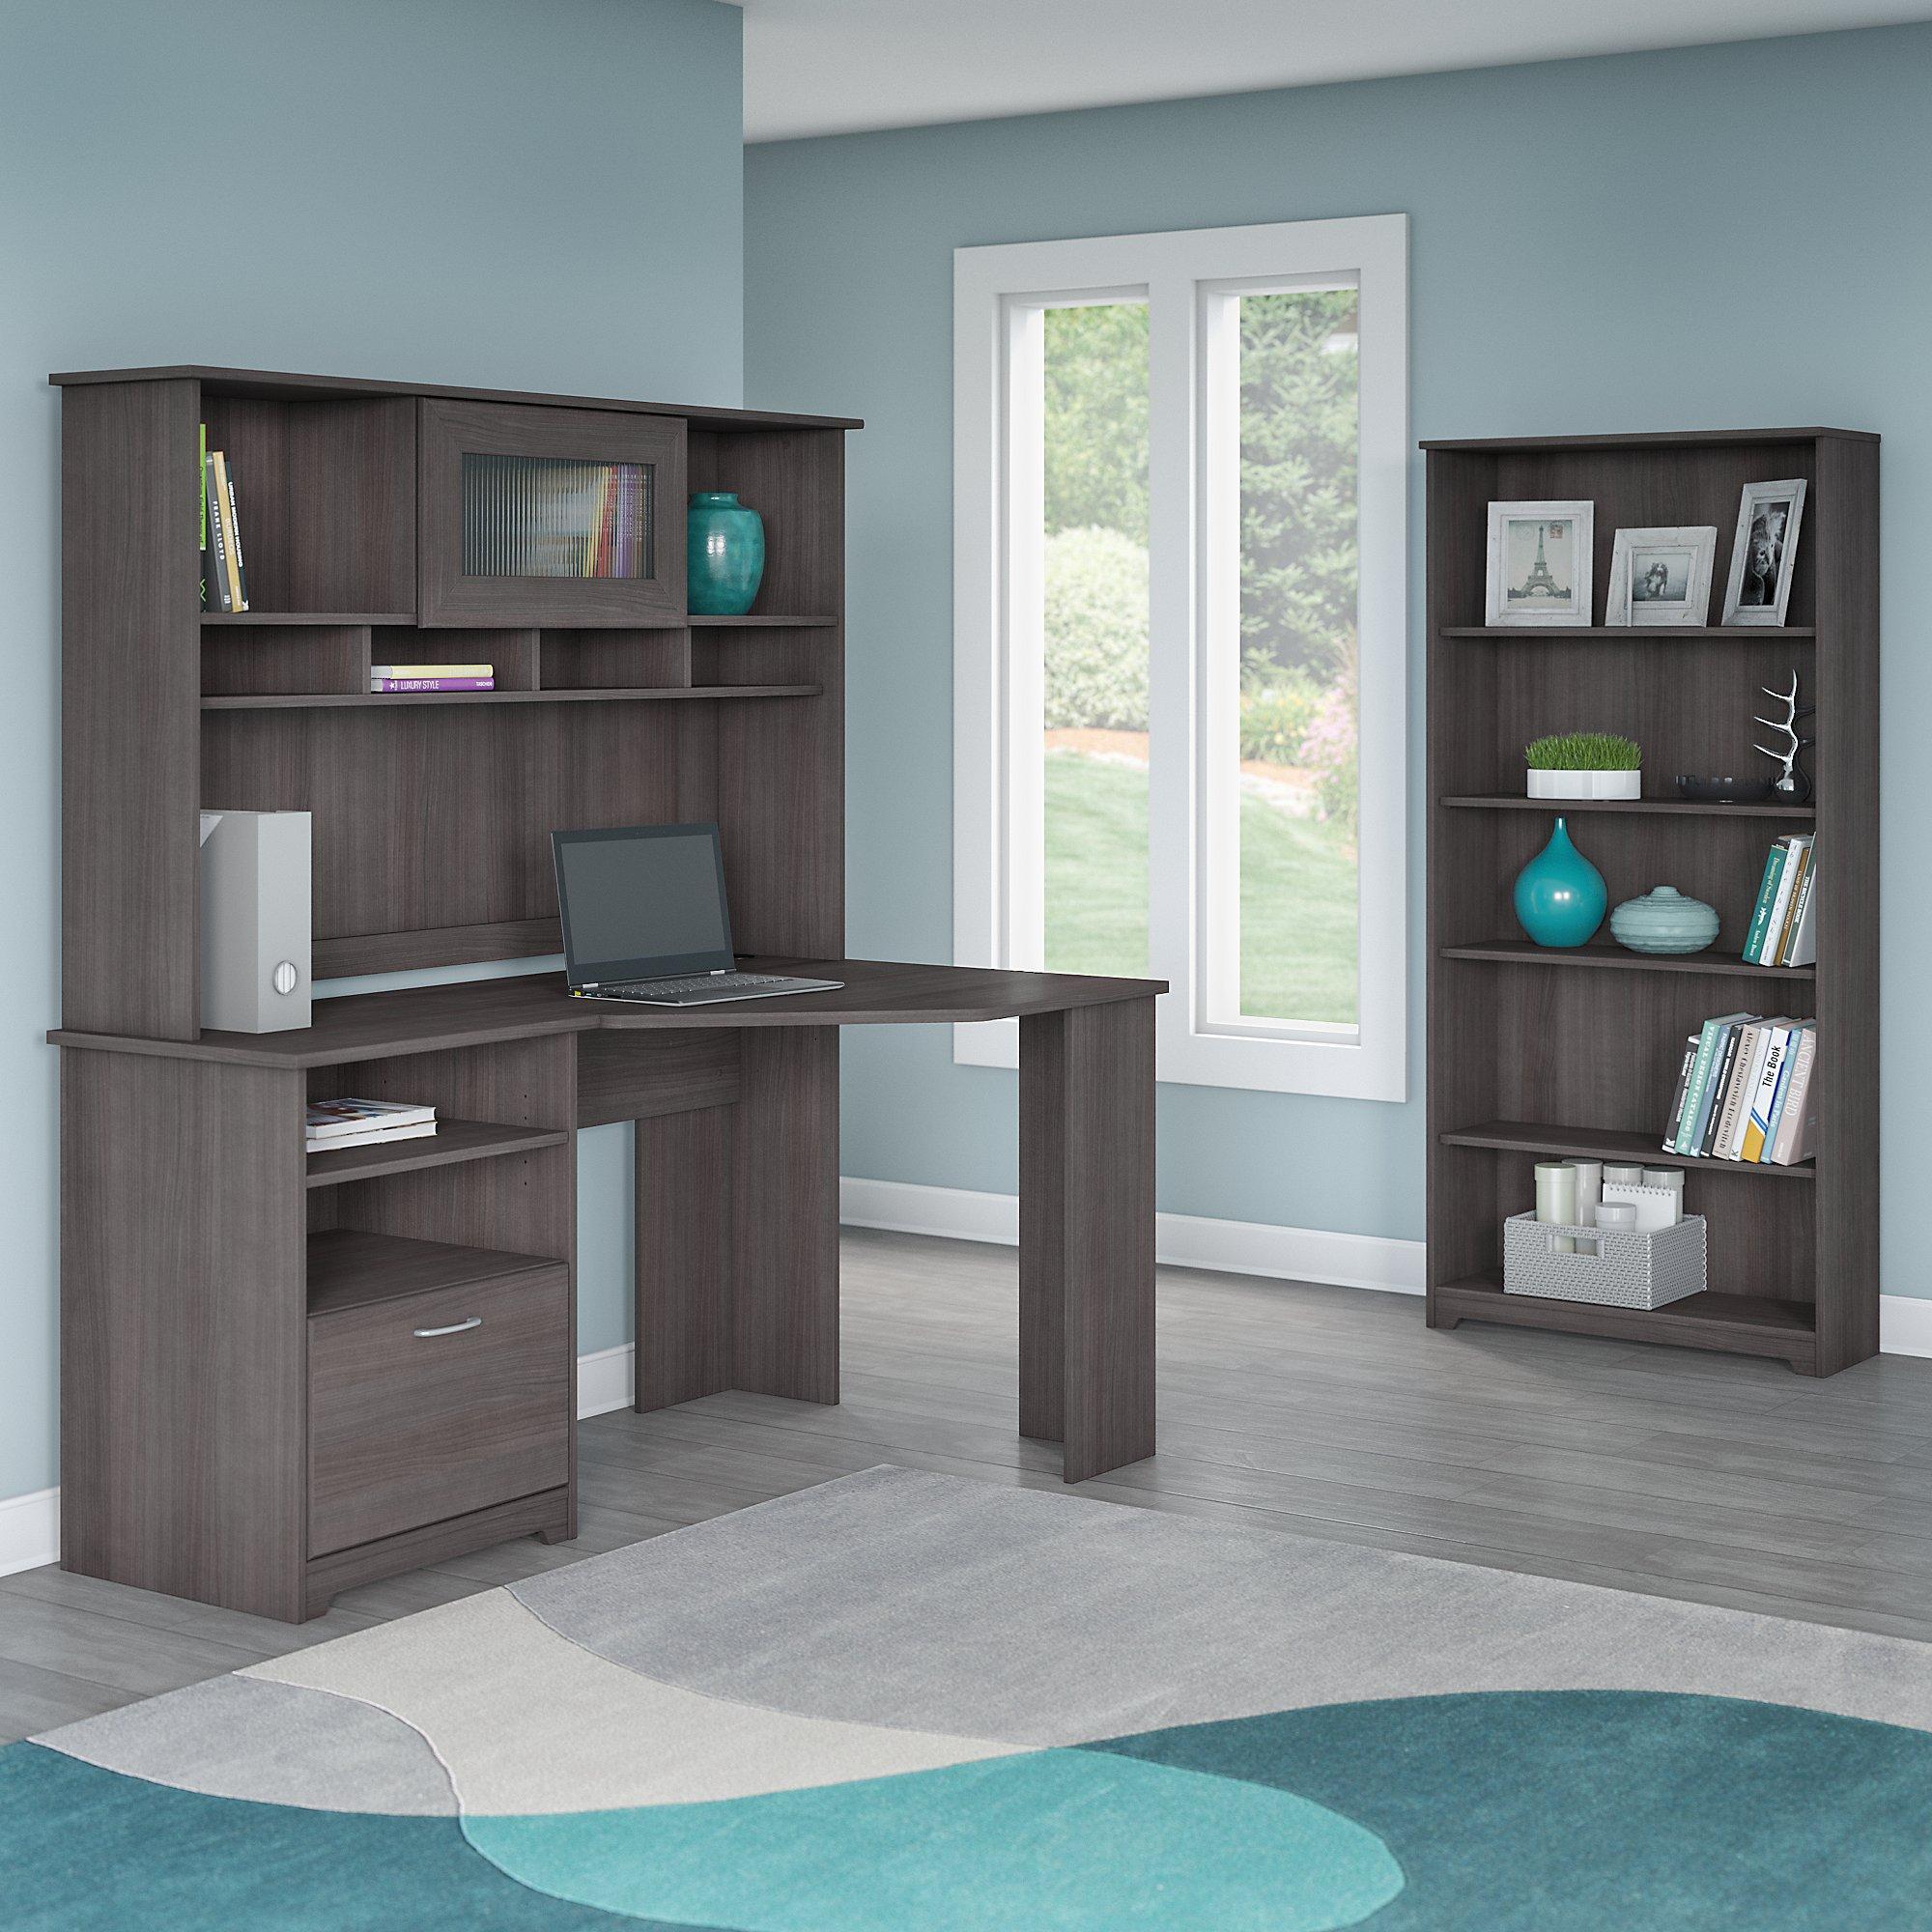 Amazon.com: Bush Furniture Cabot Corner Desk With Hutch